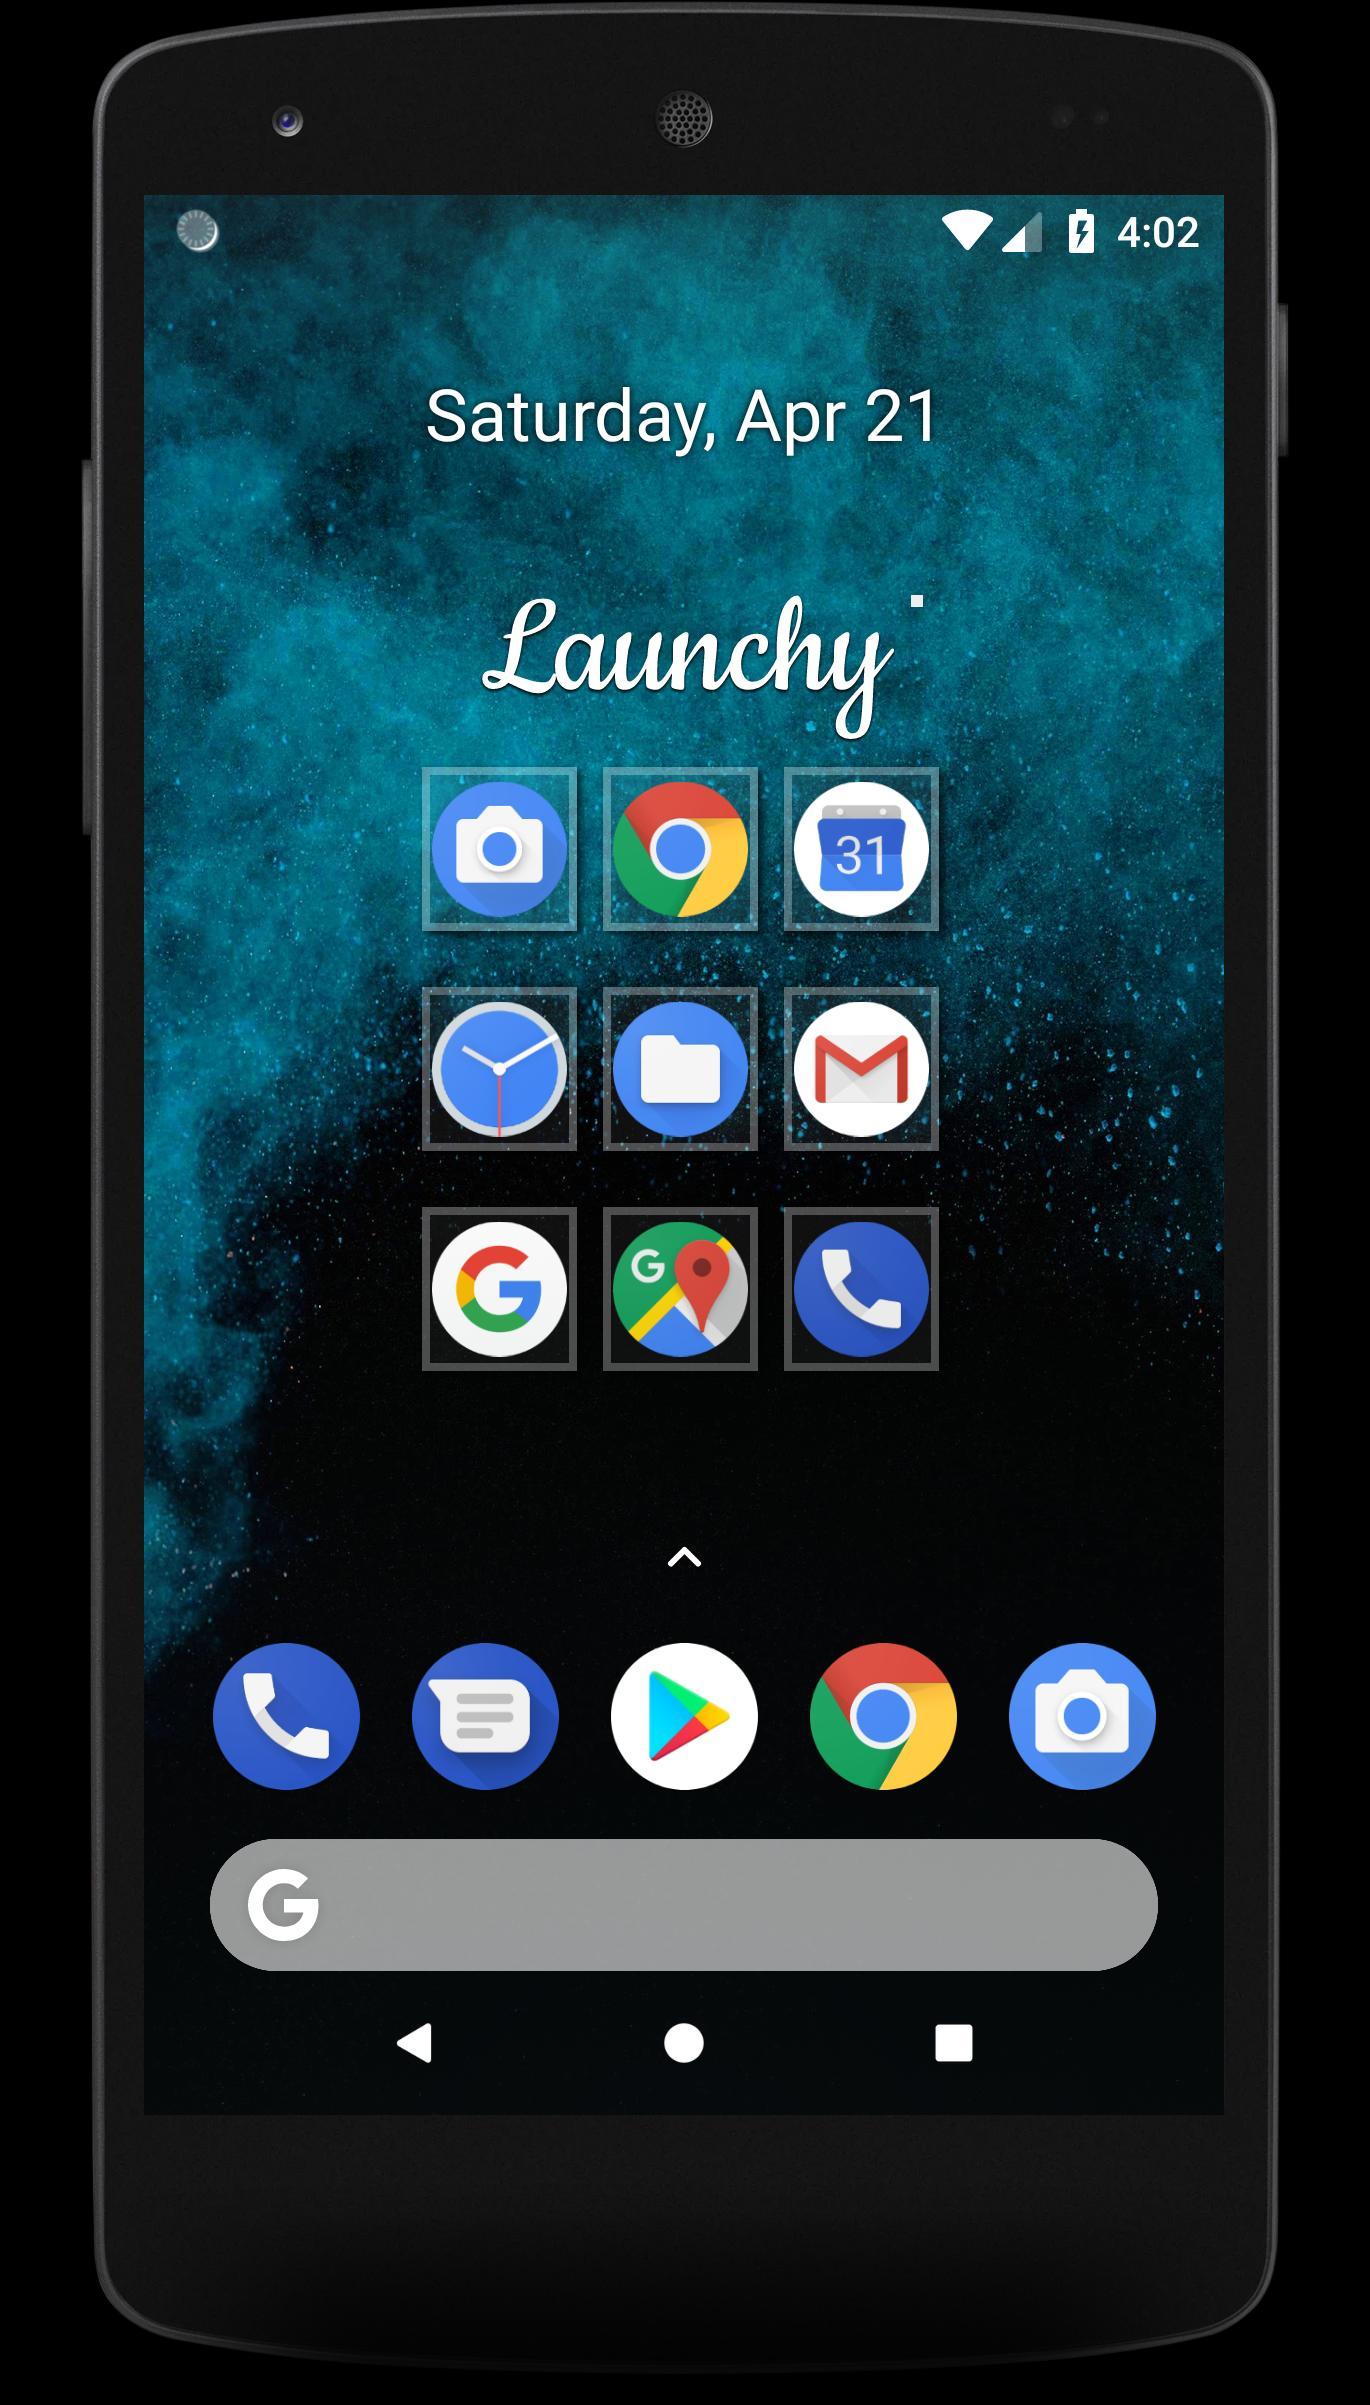 Android 用の Launchy APK をダウンロード